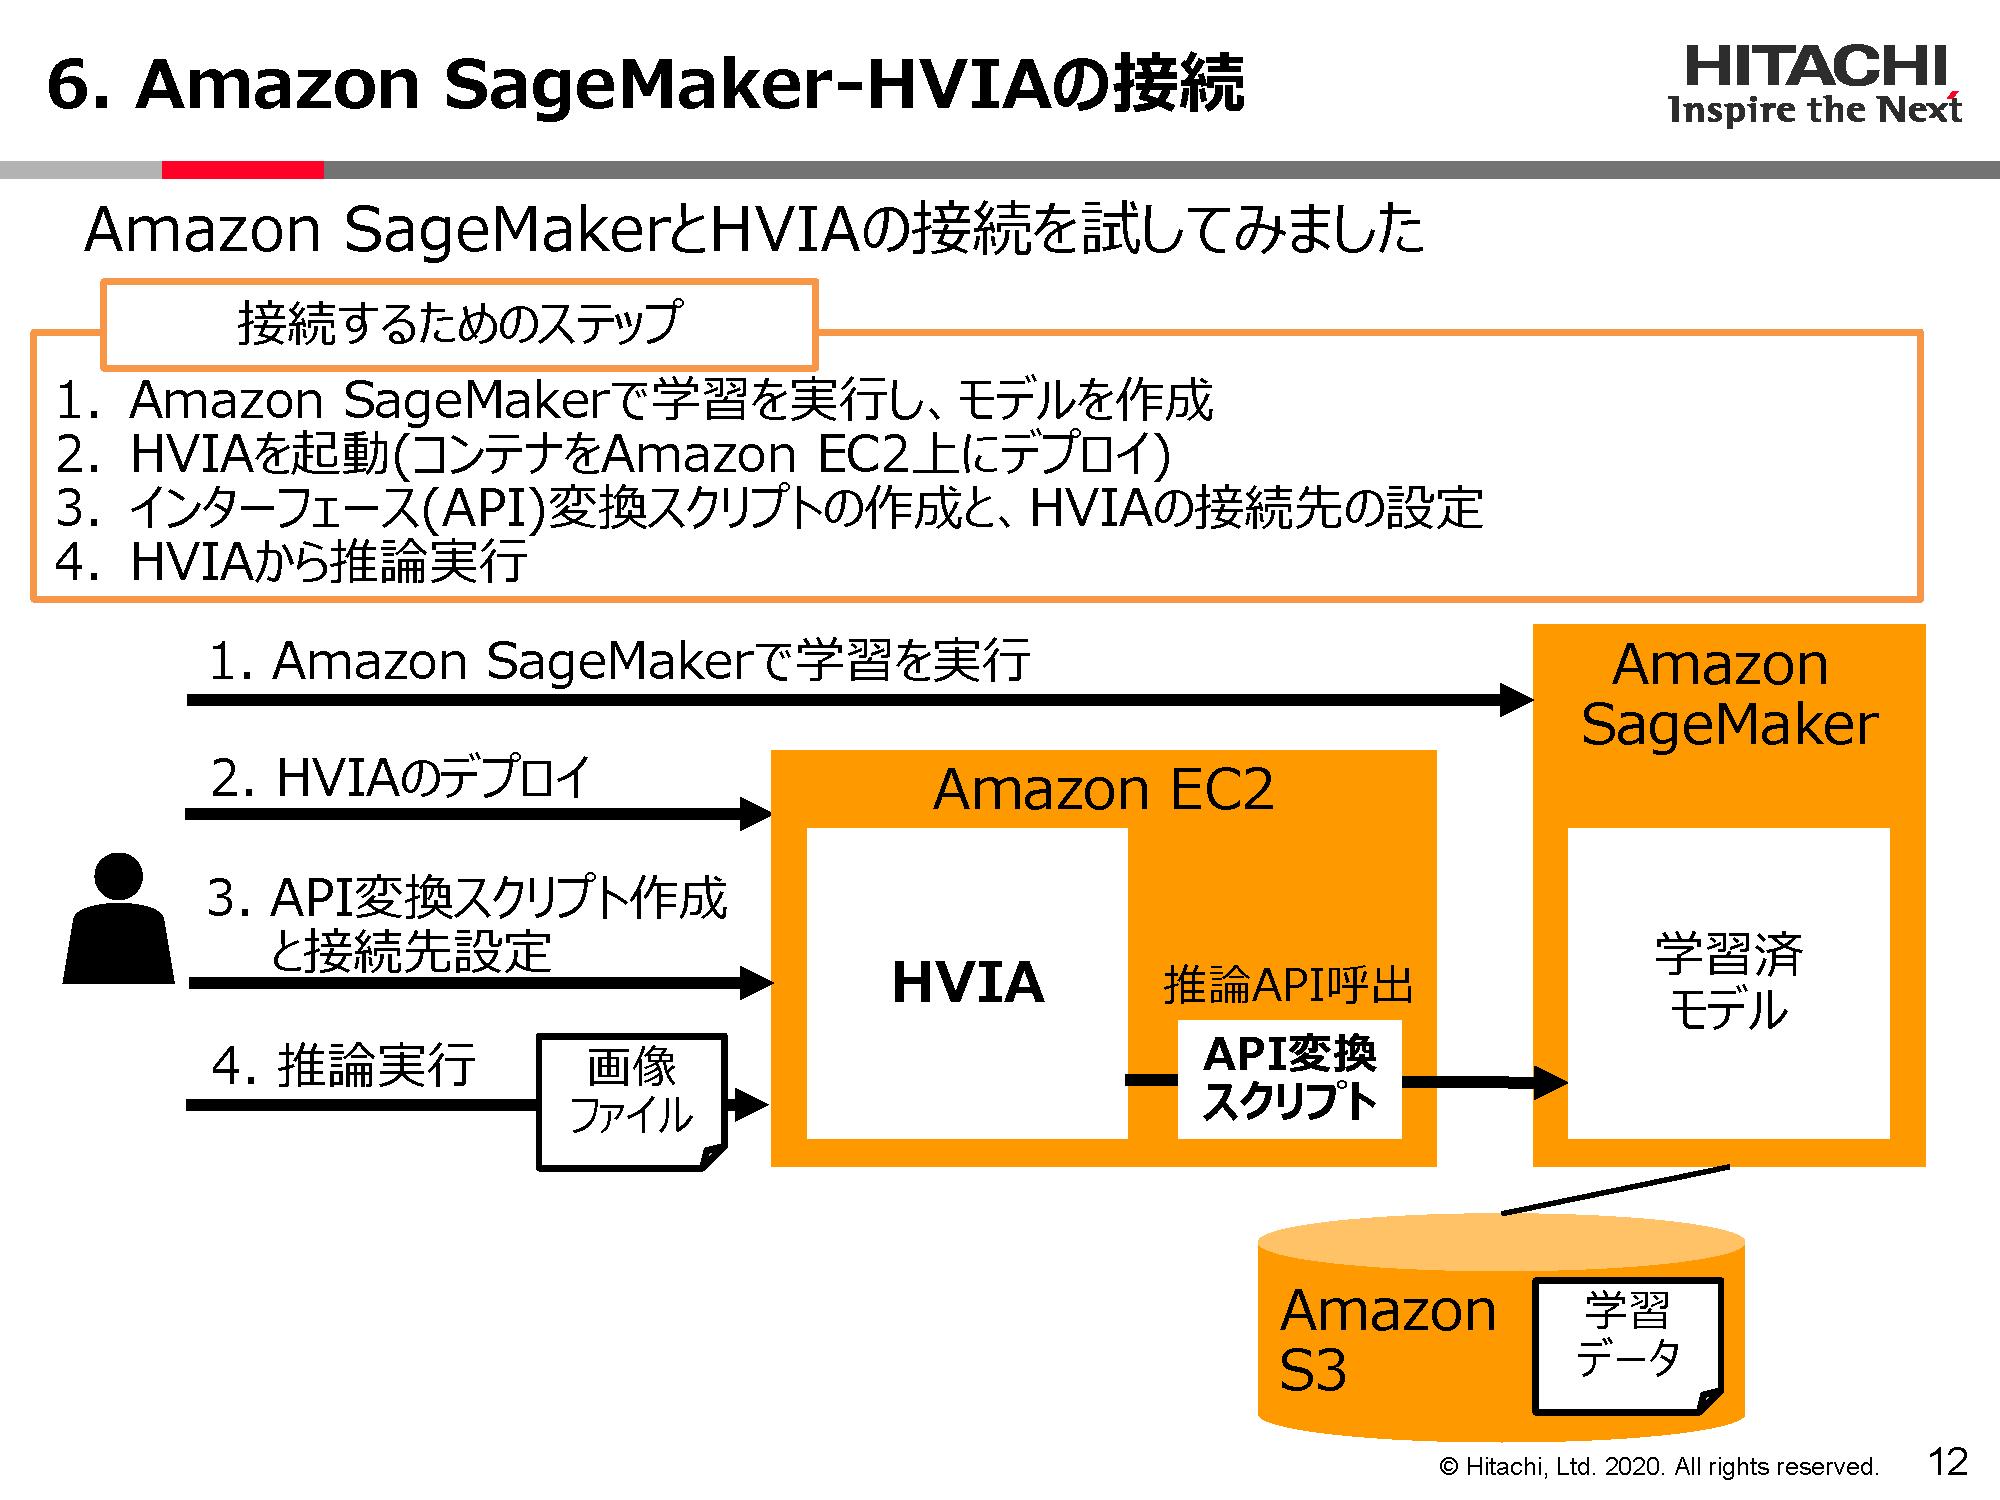 Amazon SageMaker - HVIAの接続